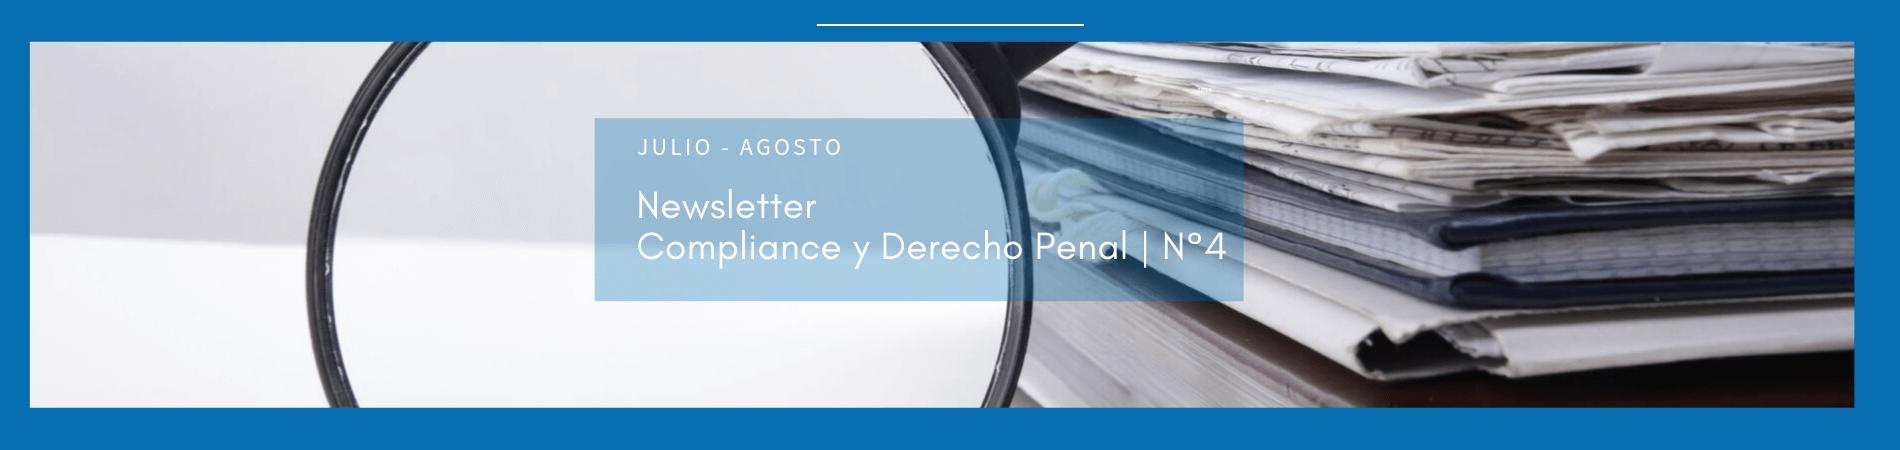 Newsletter de Compliance y Derecho Penal N° 4